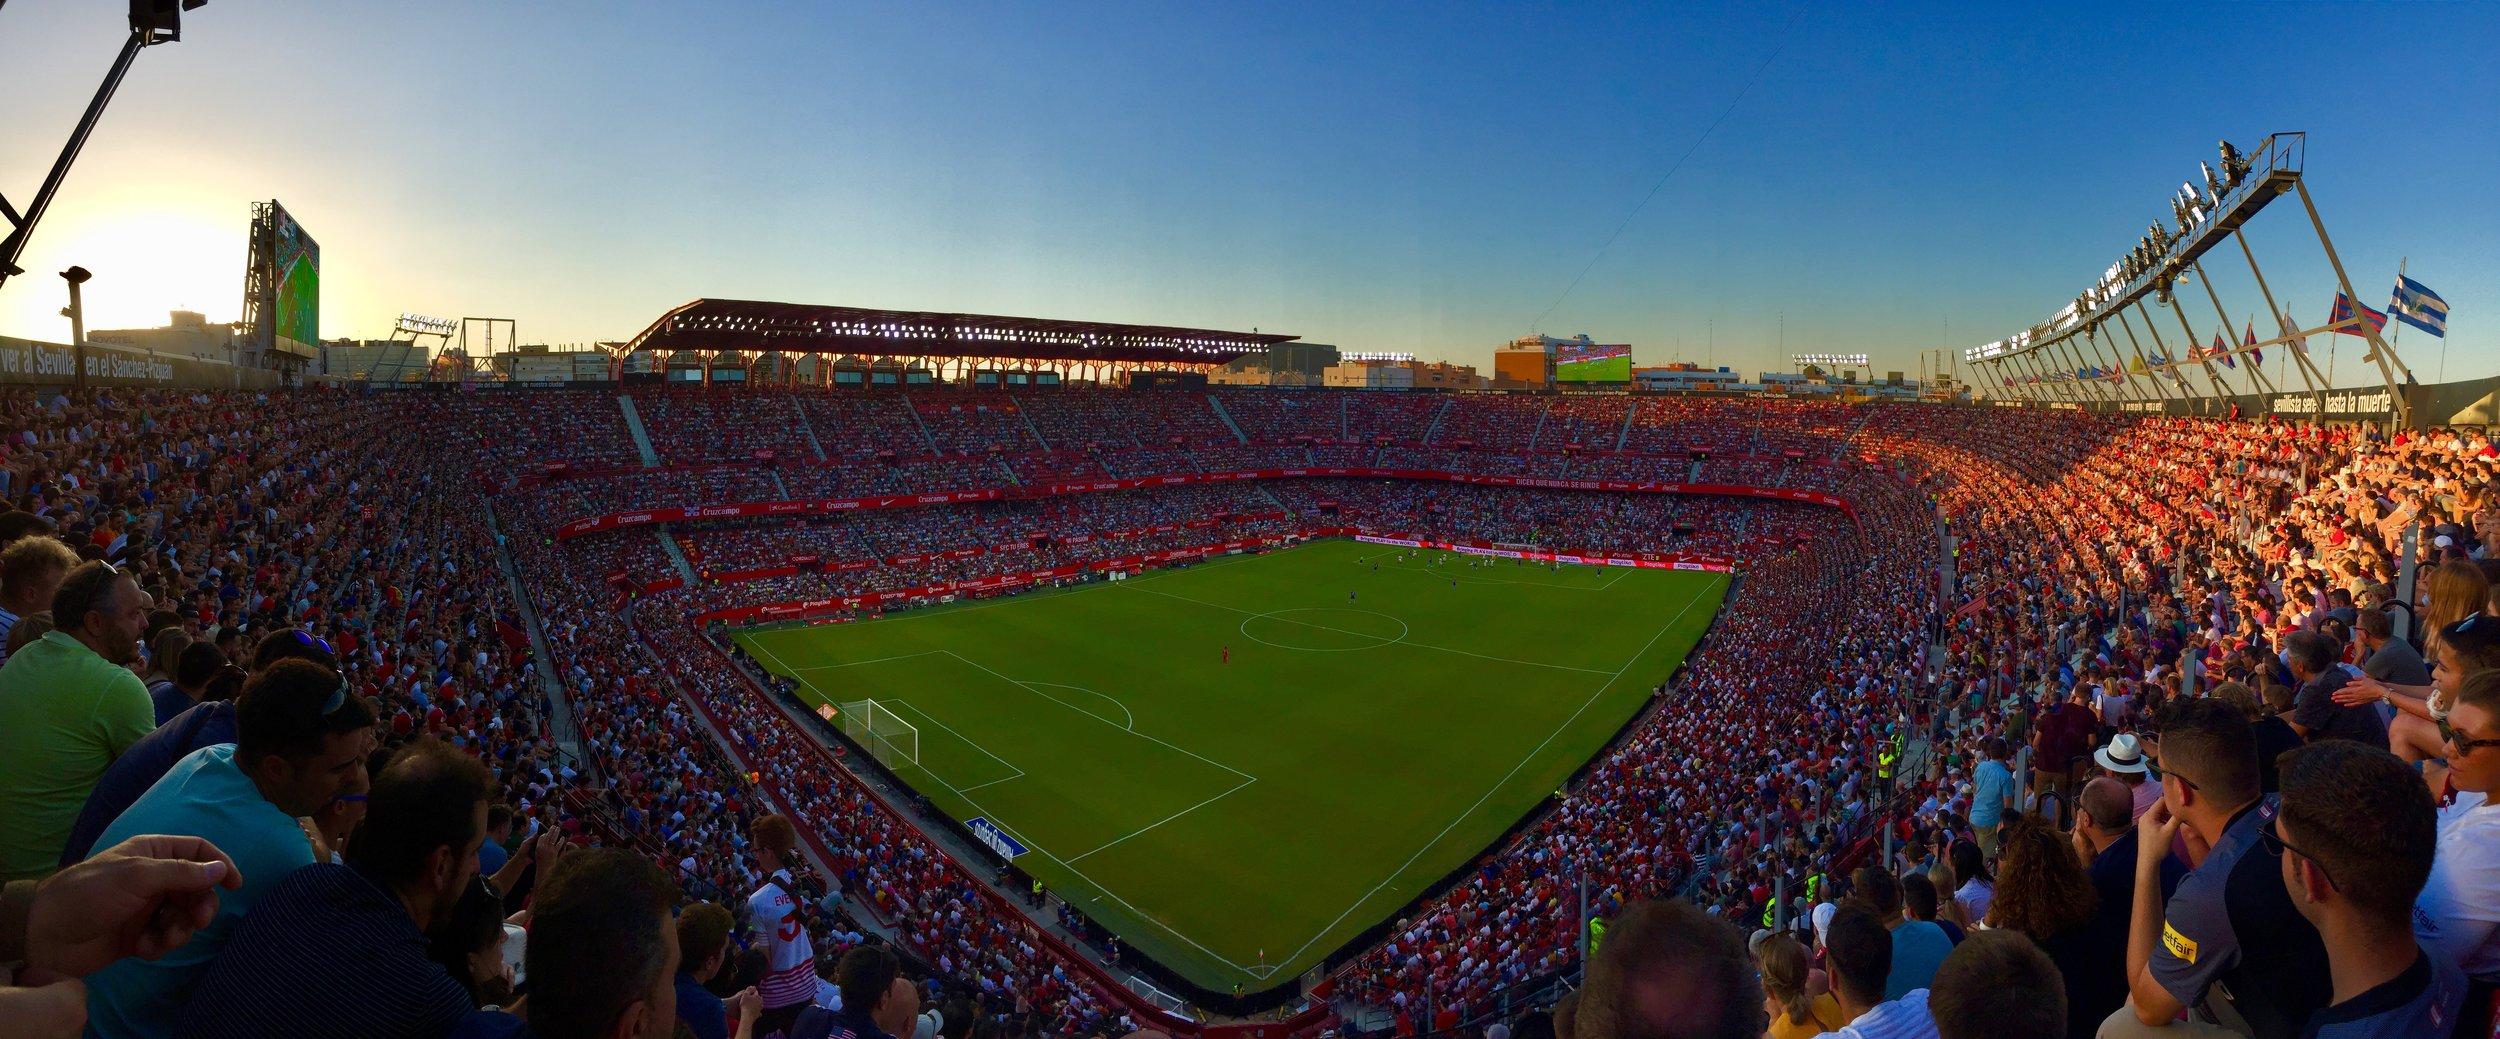 Sevilla Spain Futbol Field.jpg